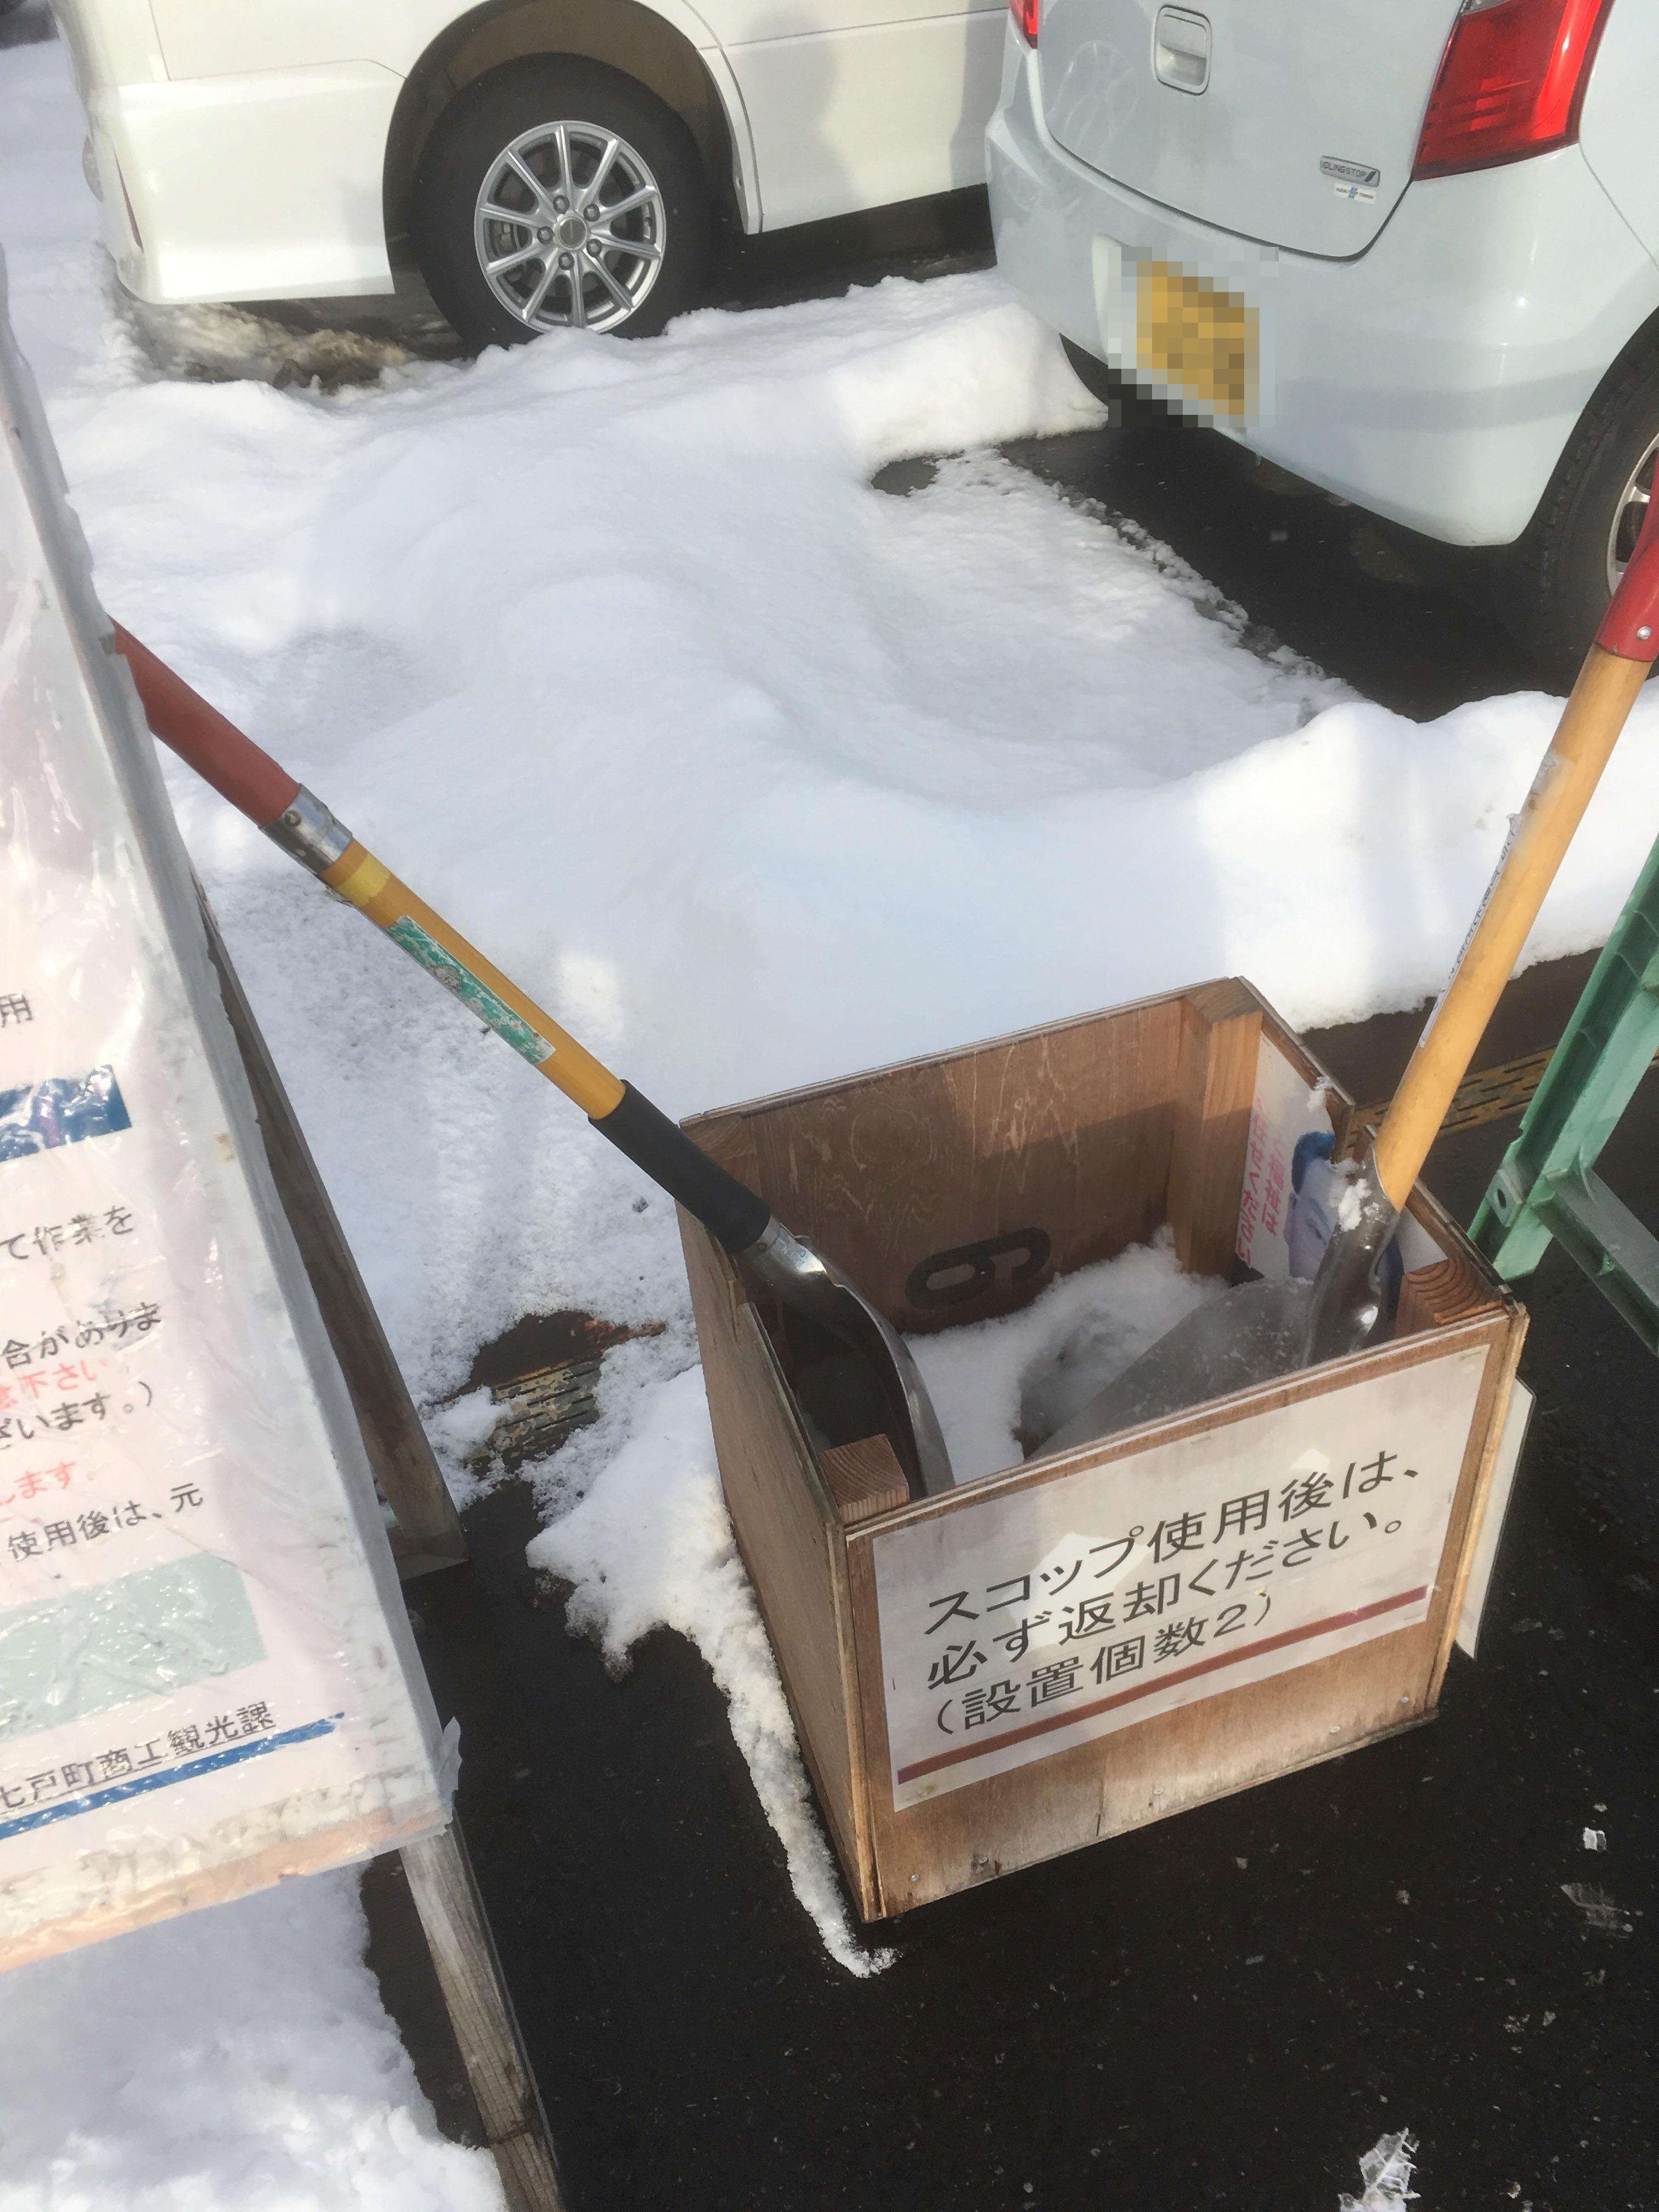 十和田 車場 七戸 駅 駐